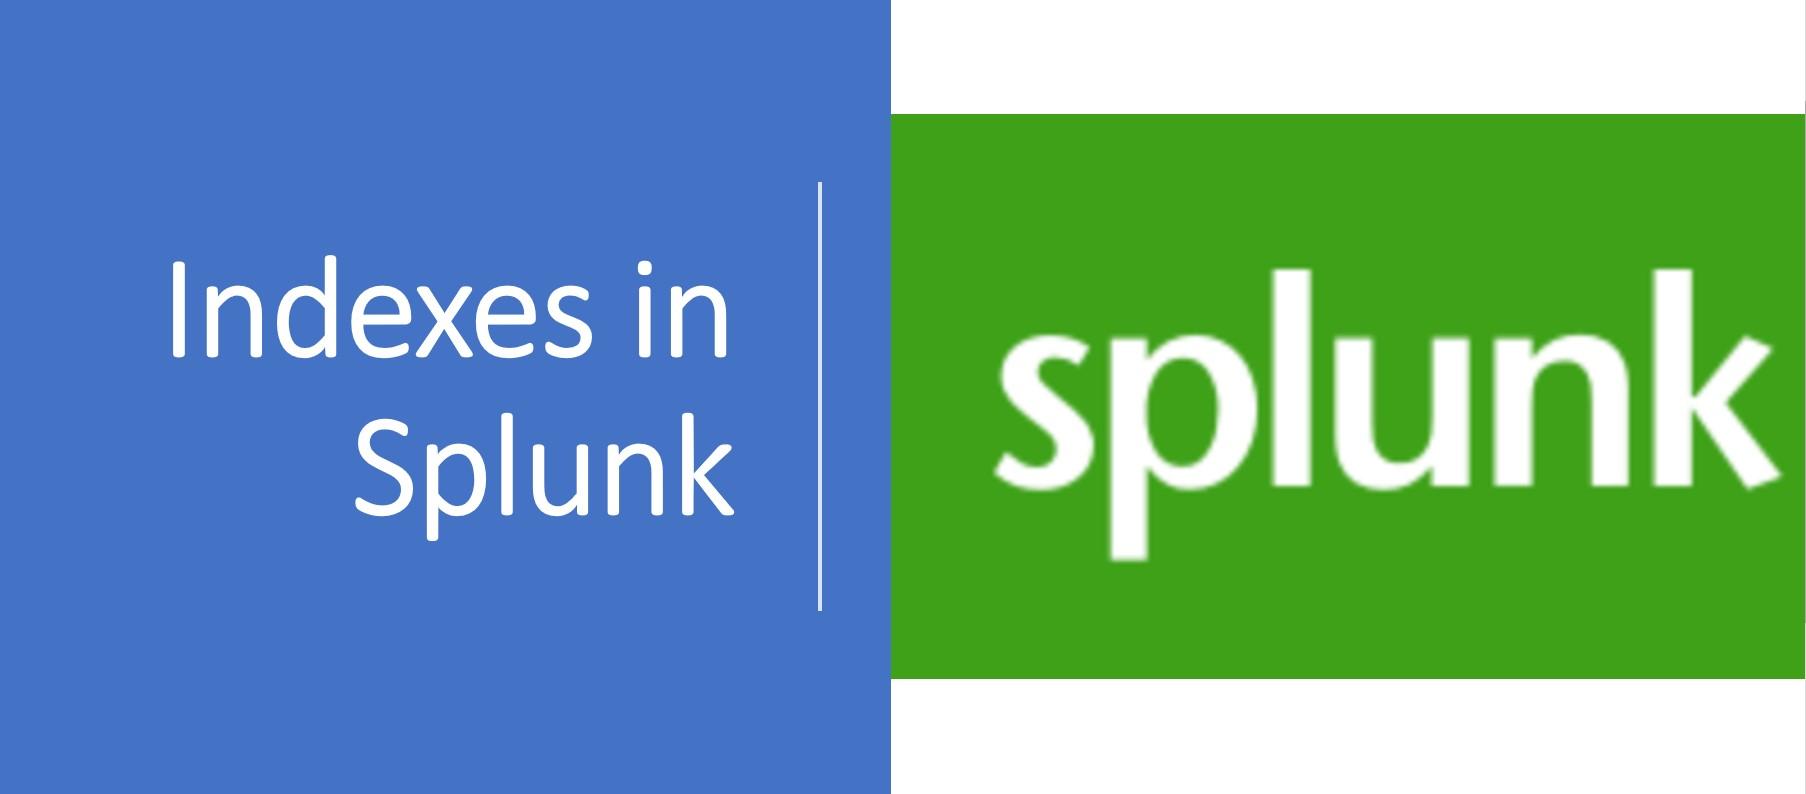 indexes_in_Splunk